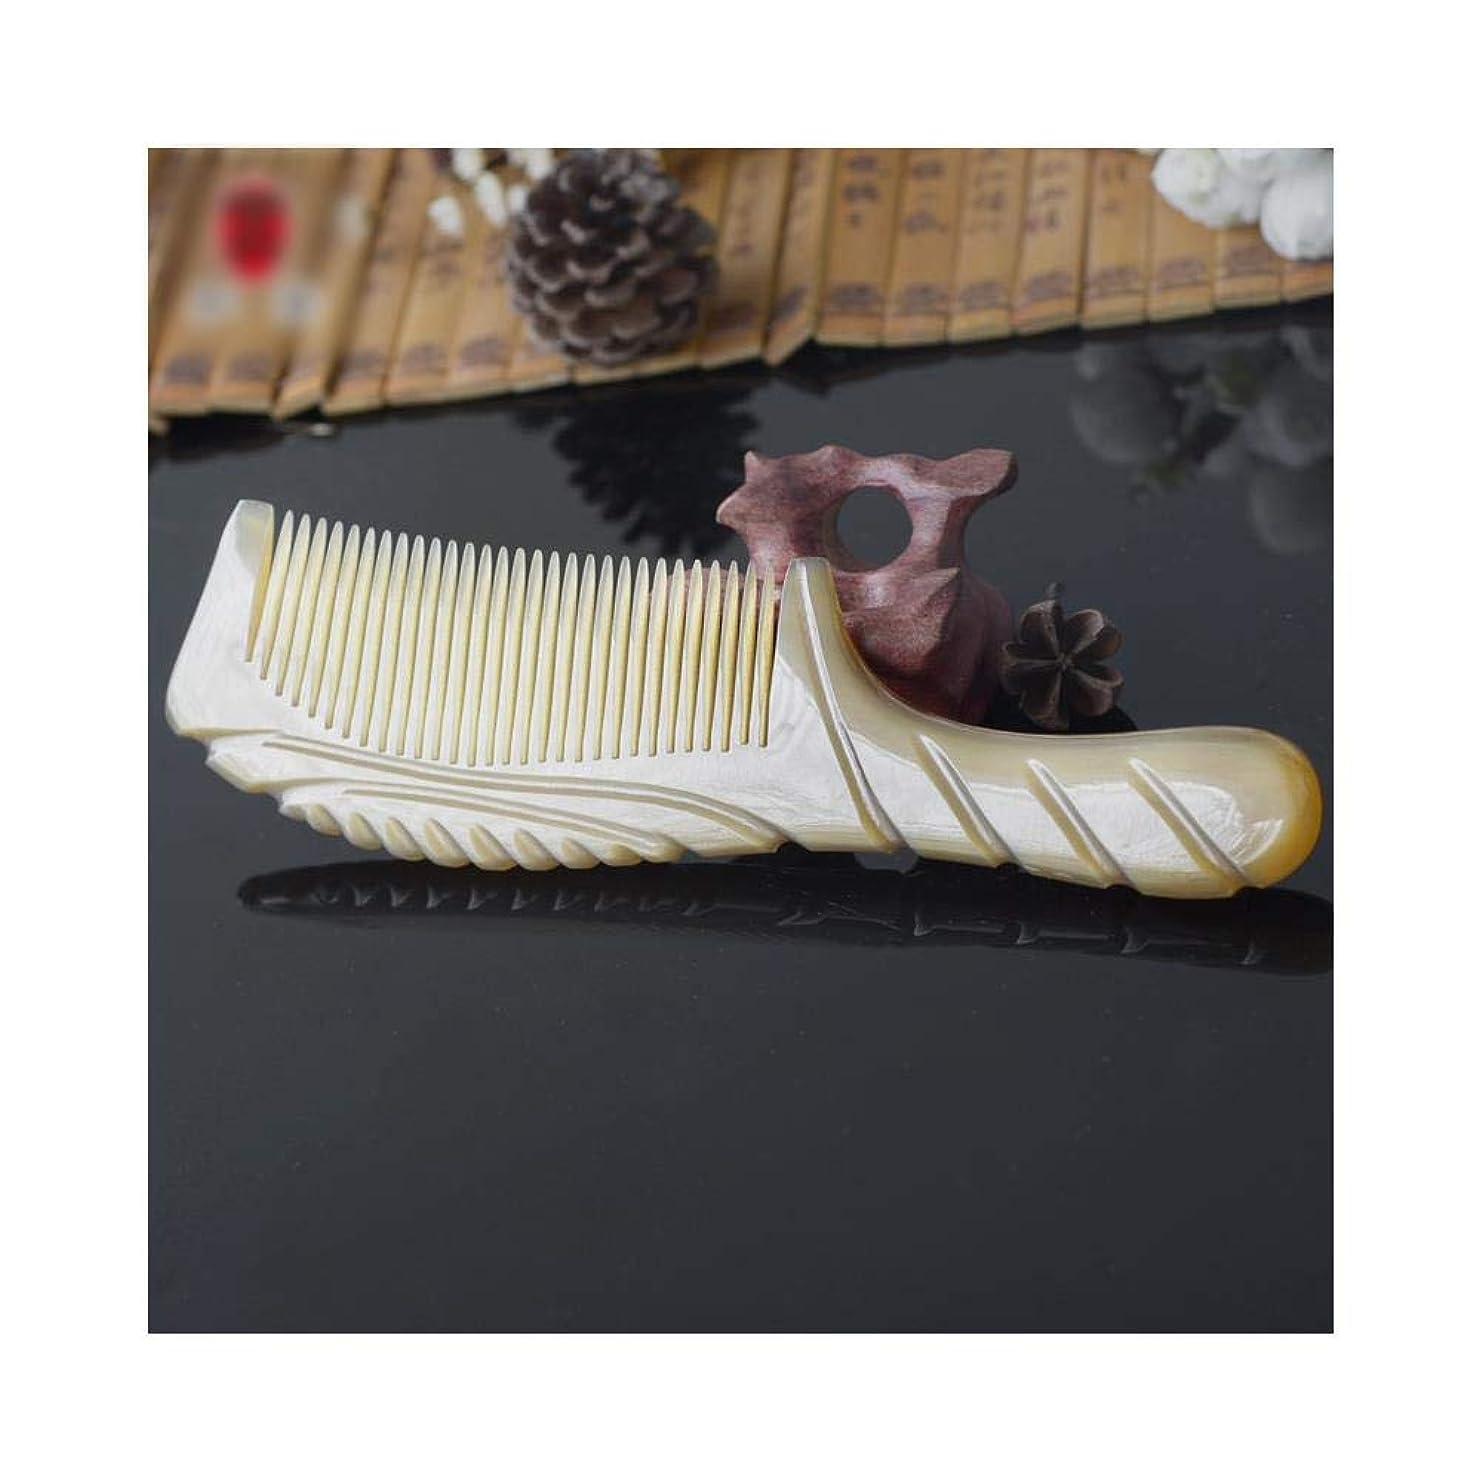 聖書コードレス判決Hazbune ギフト用の箱のヘアブラシのシャワーが付いている手芸の自然な水牛の角の櫛の帯電防止櫛 (色 : 7014)